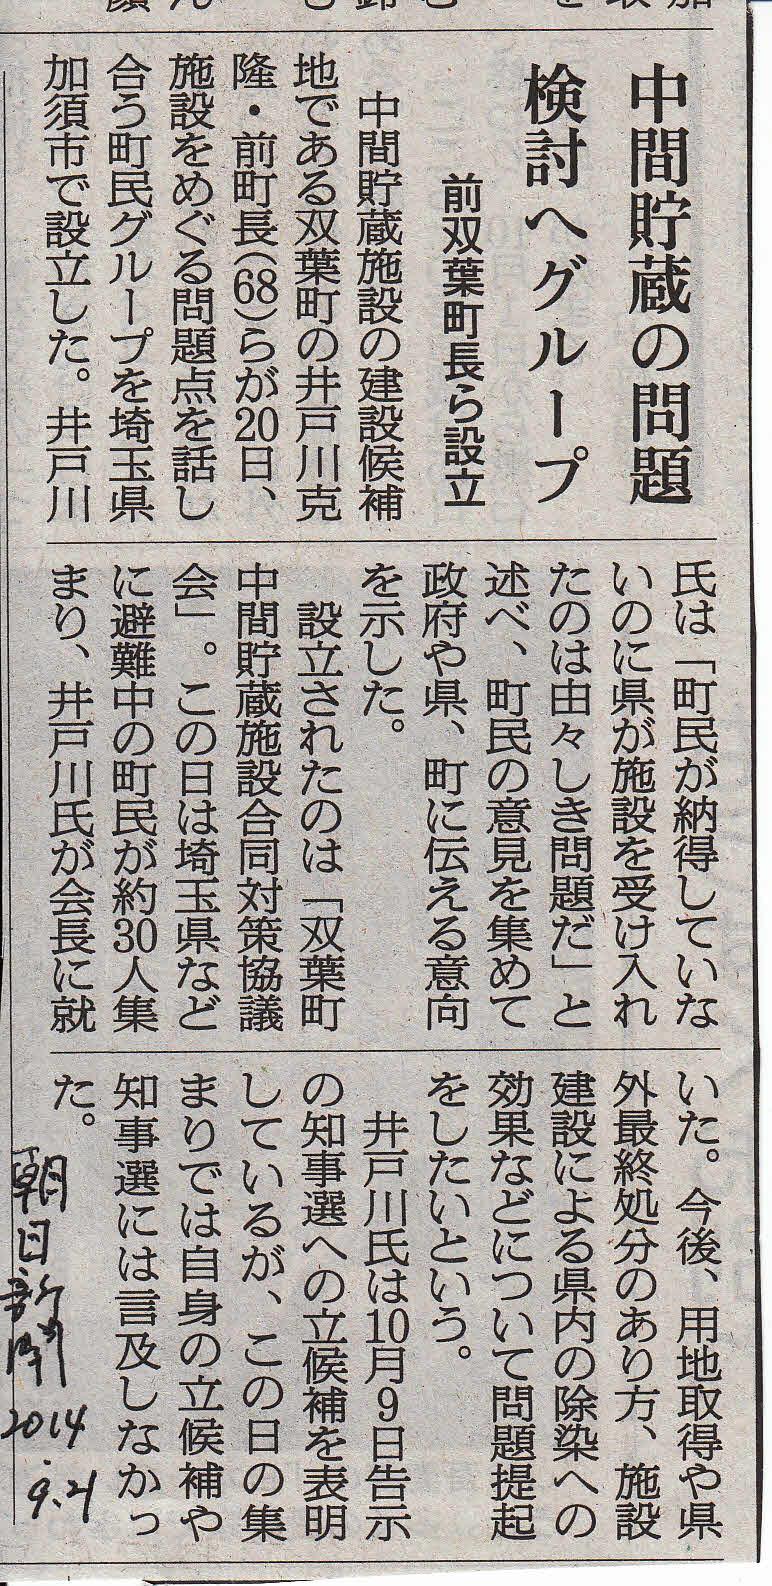 朝日新聞福島版20140921